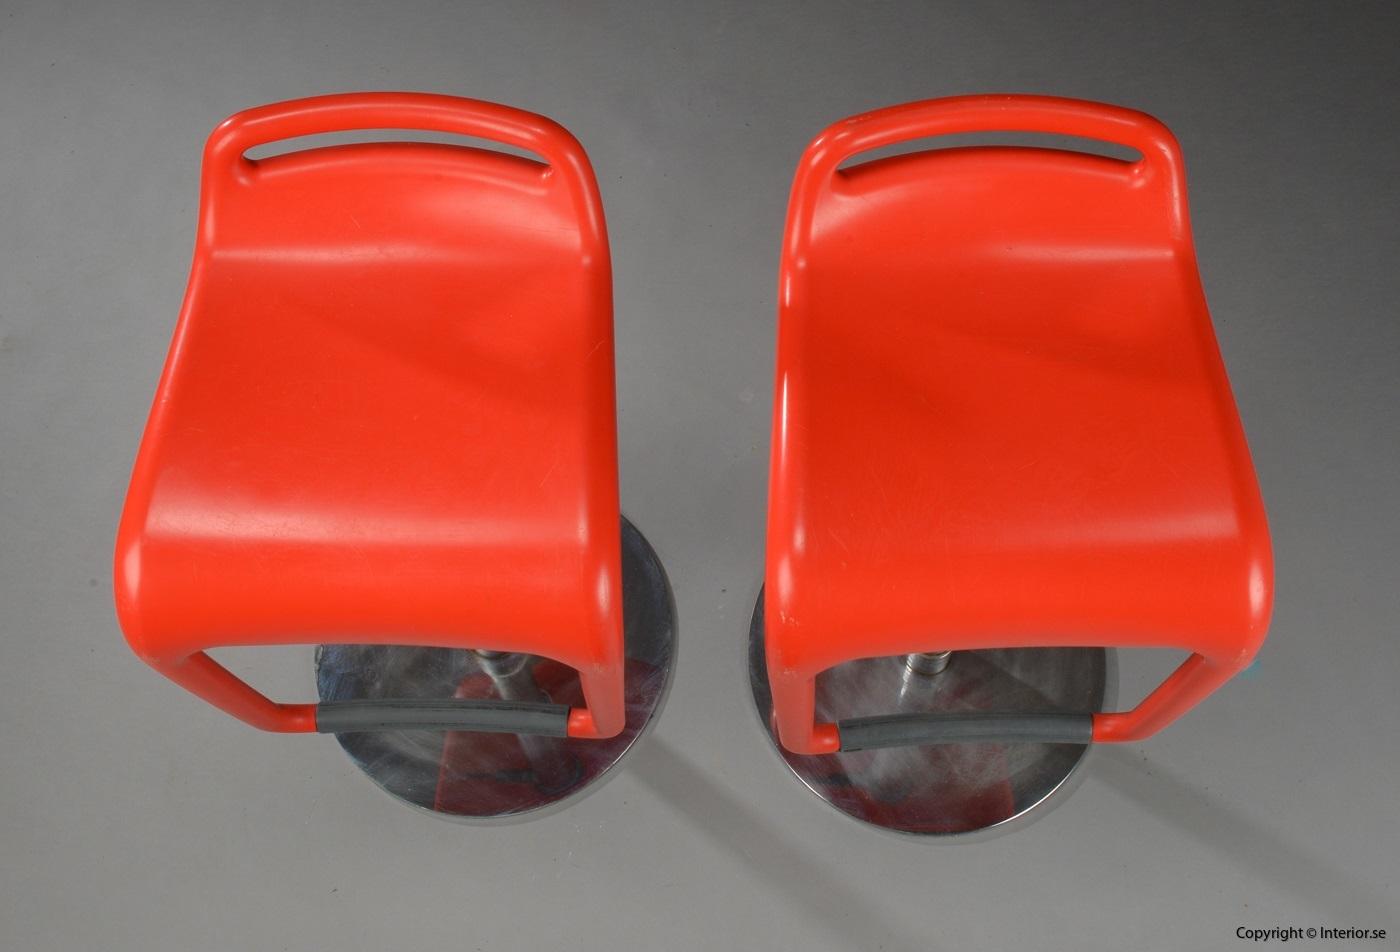 1 Segis Noon Archirivolto design barstol höj och sänkbar begagnade designmöbler (4)